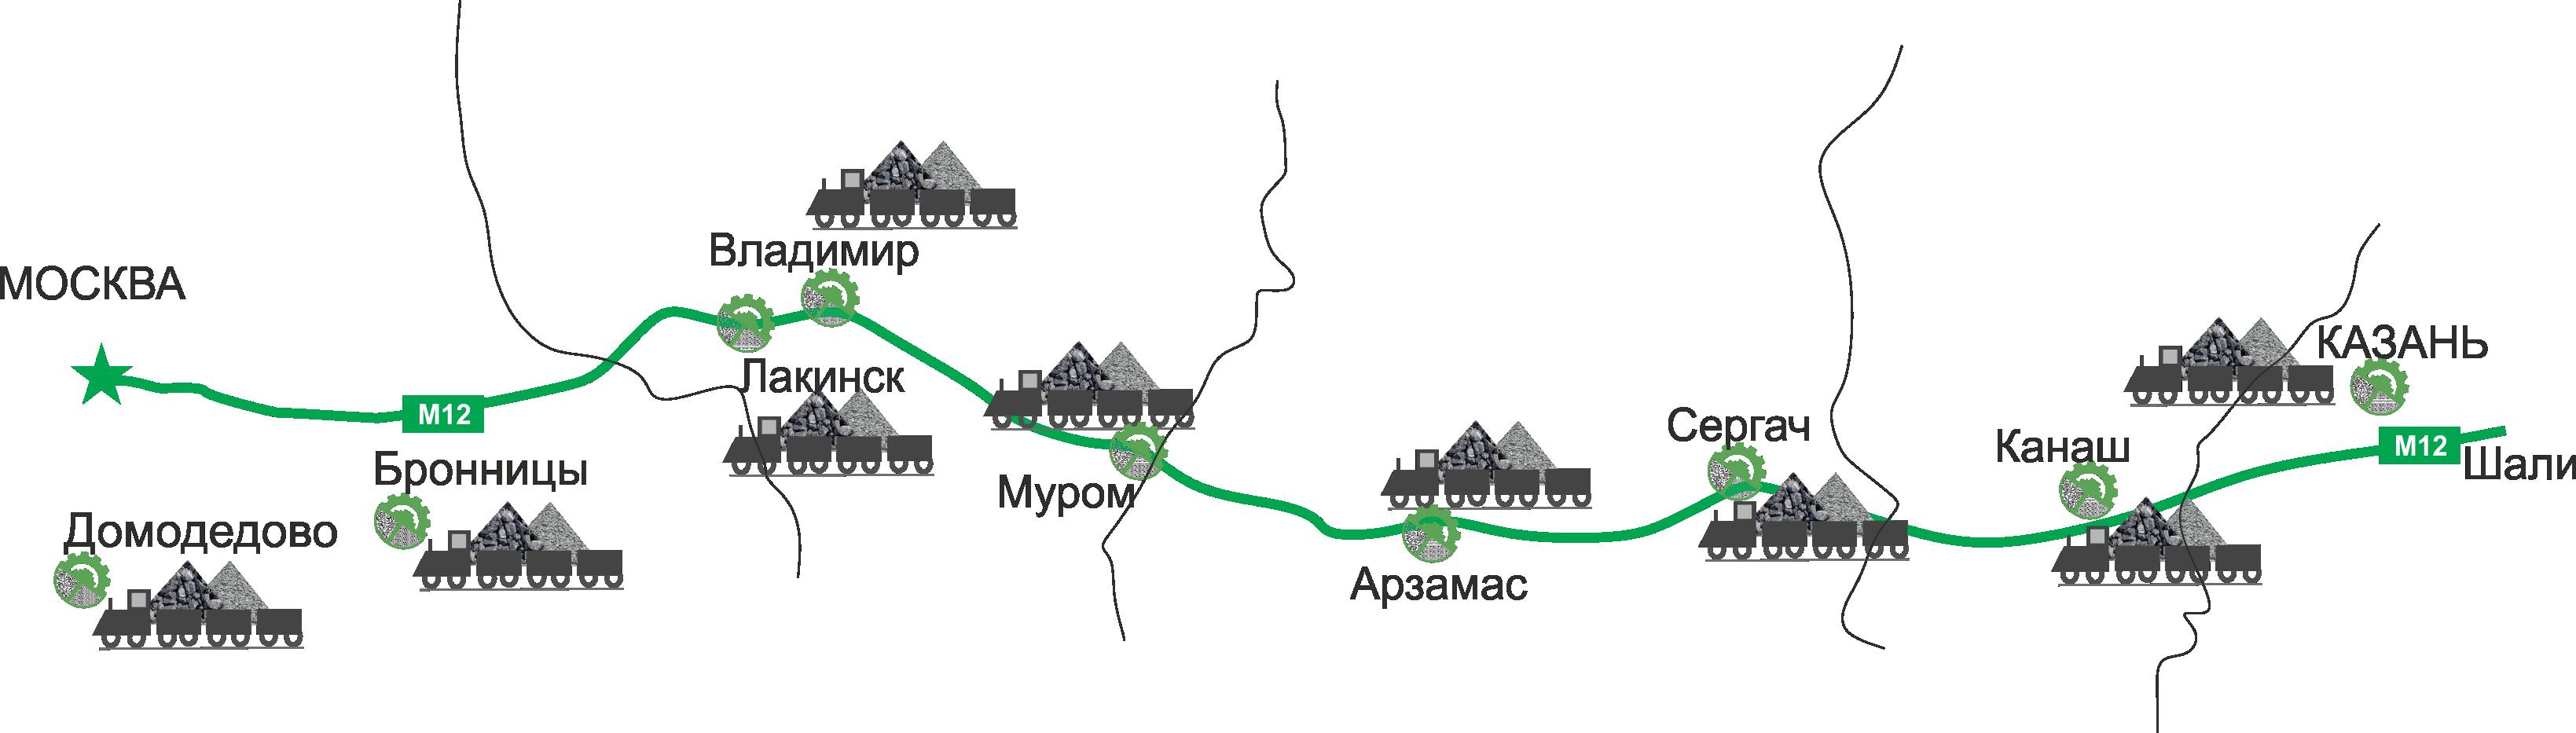 Карта перевалок НЕРУДПРОФТРЕЙД.РФ